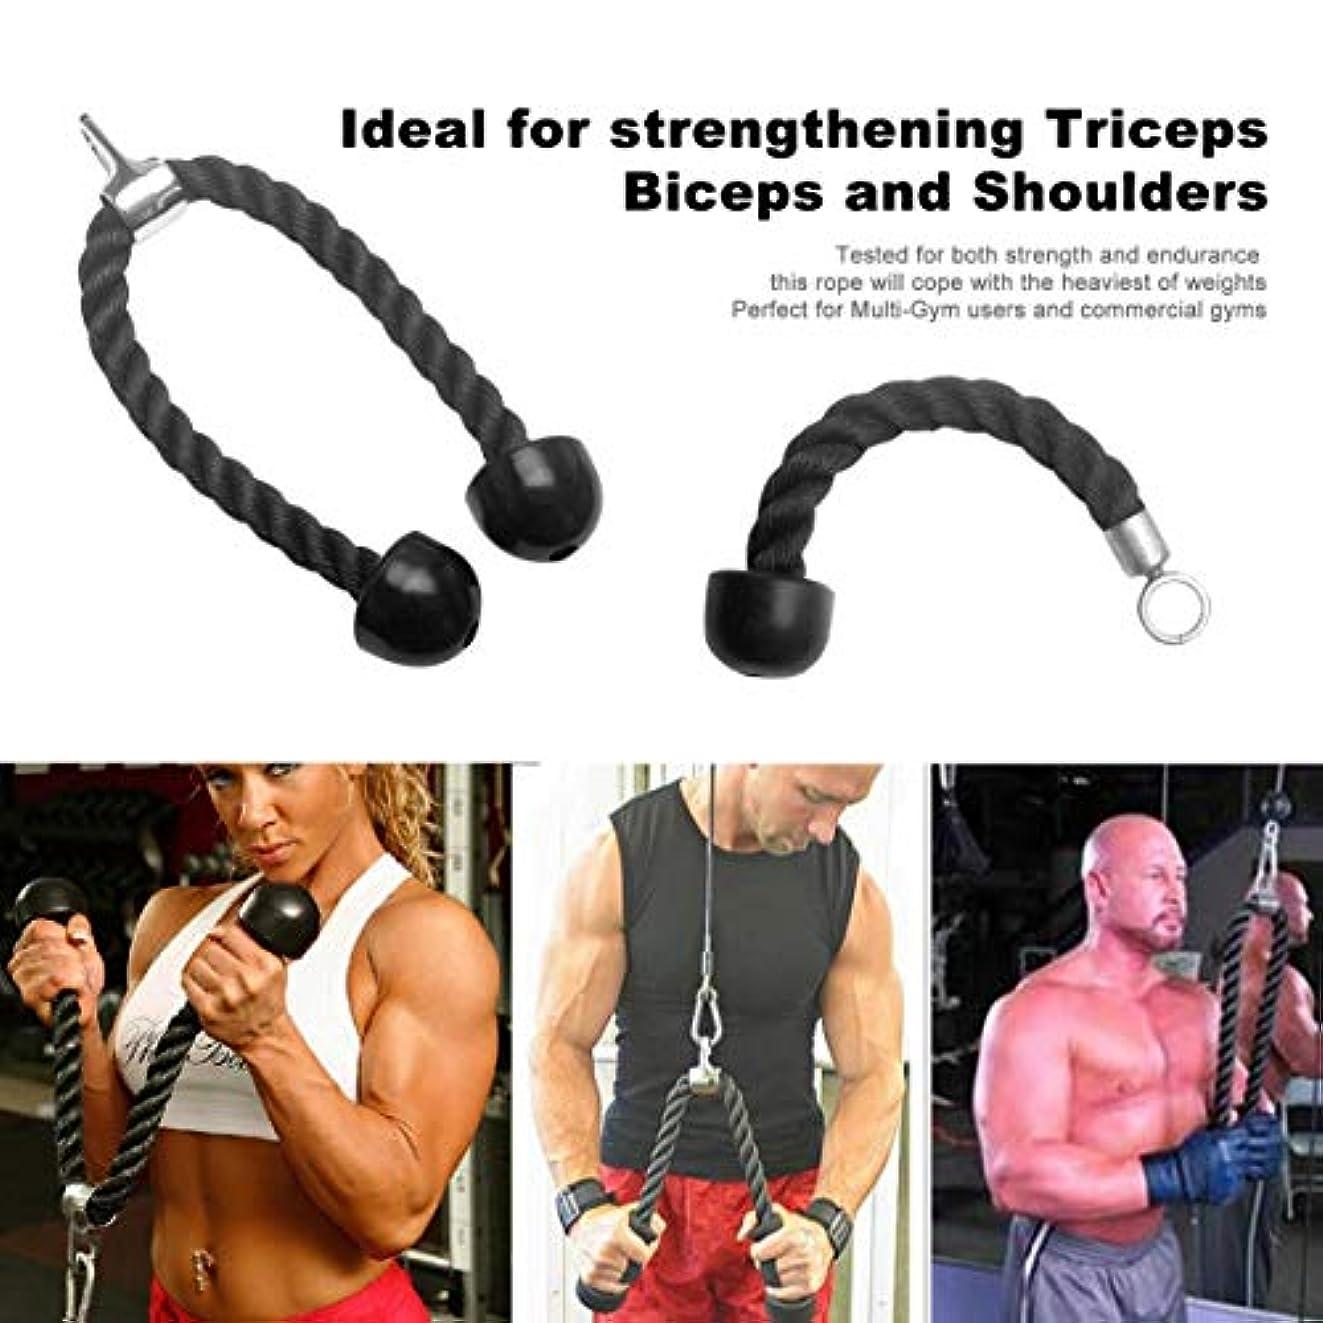 ヘルシー何もない彼らは上腕三頭筋ロープアタッチメントケーブルボディビルディングプラスチックナイロンジム上腕二頭筋肩フィットネストレーニングケーブル(黒)